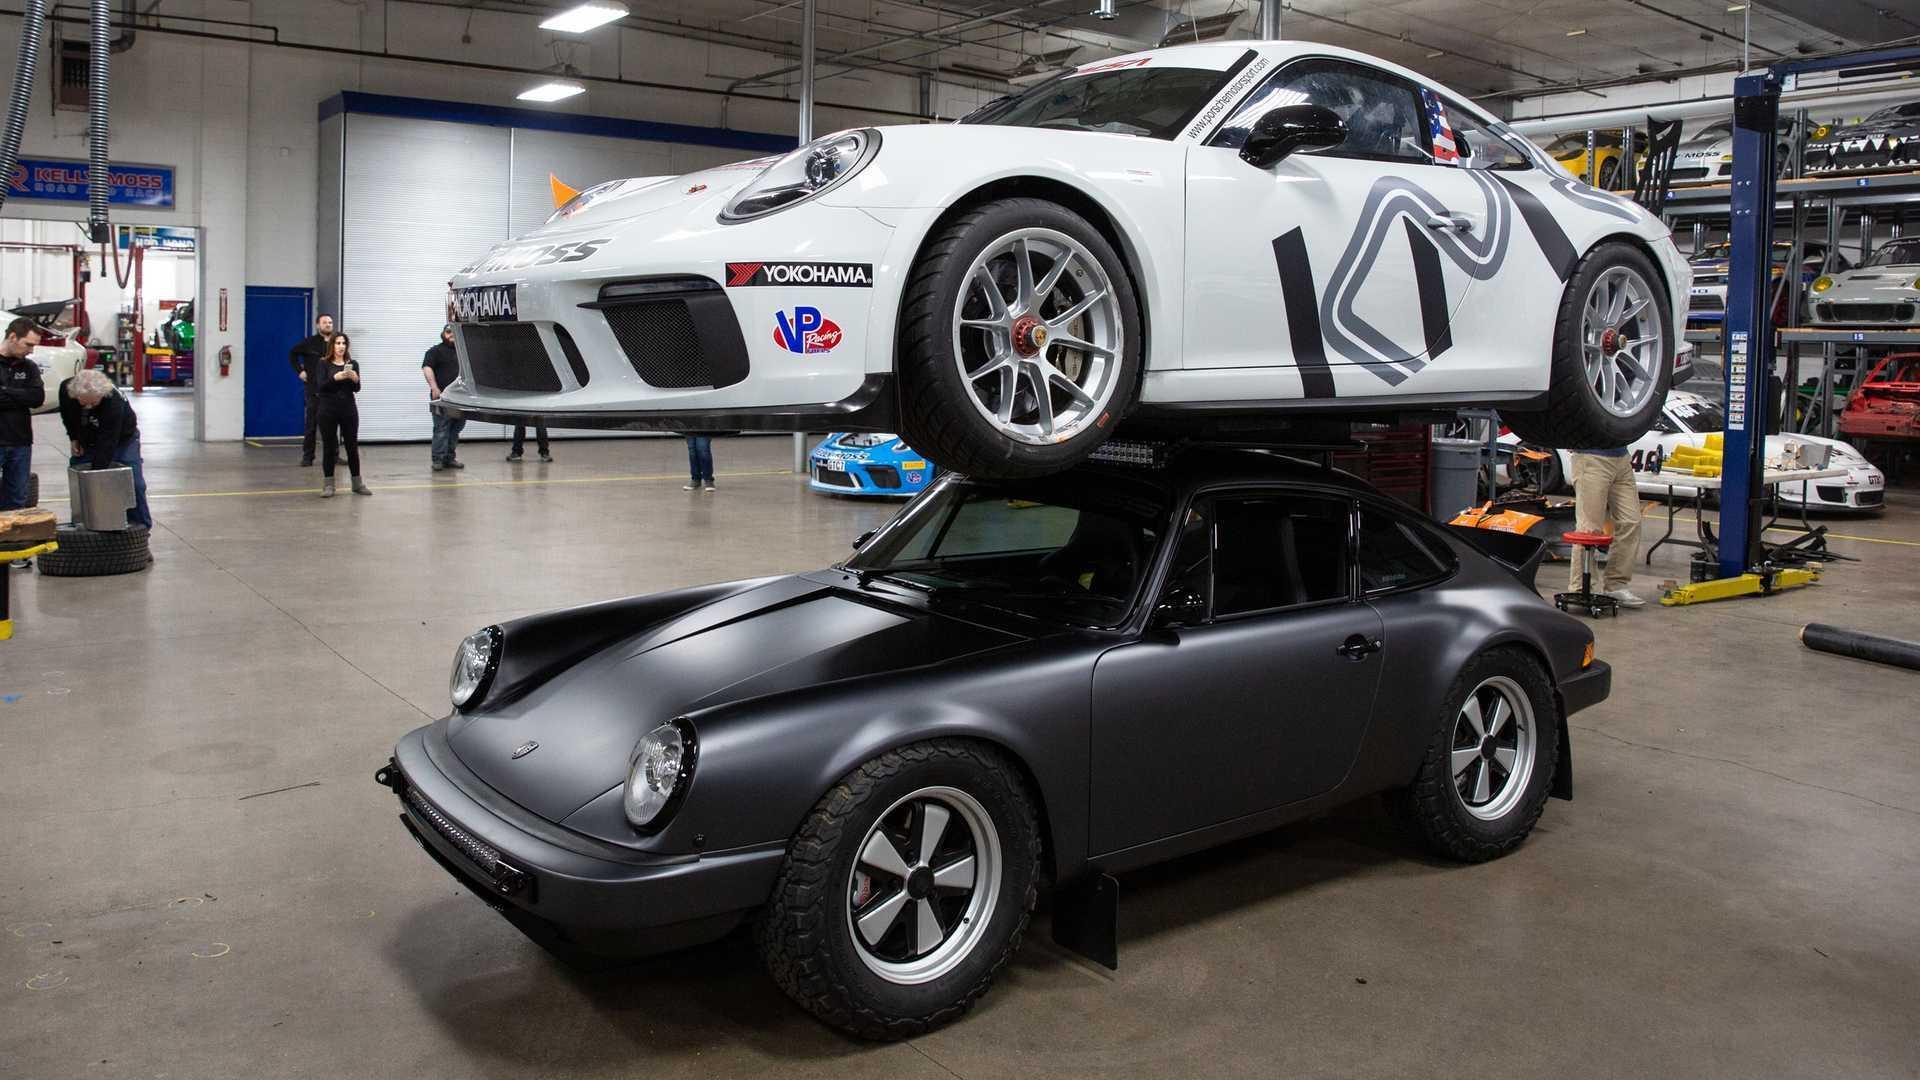 Porsche - полный каталог моделей, характеристики, отзывы на все автомобили porsche (порше)